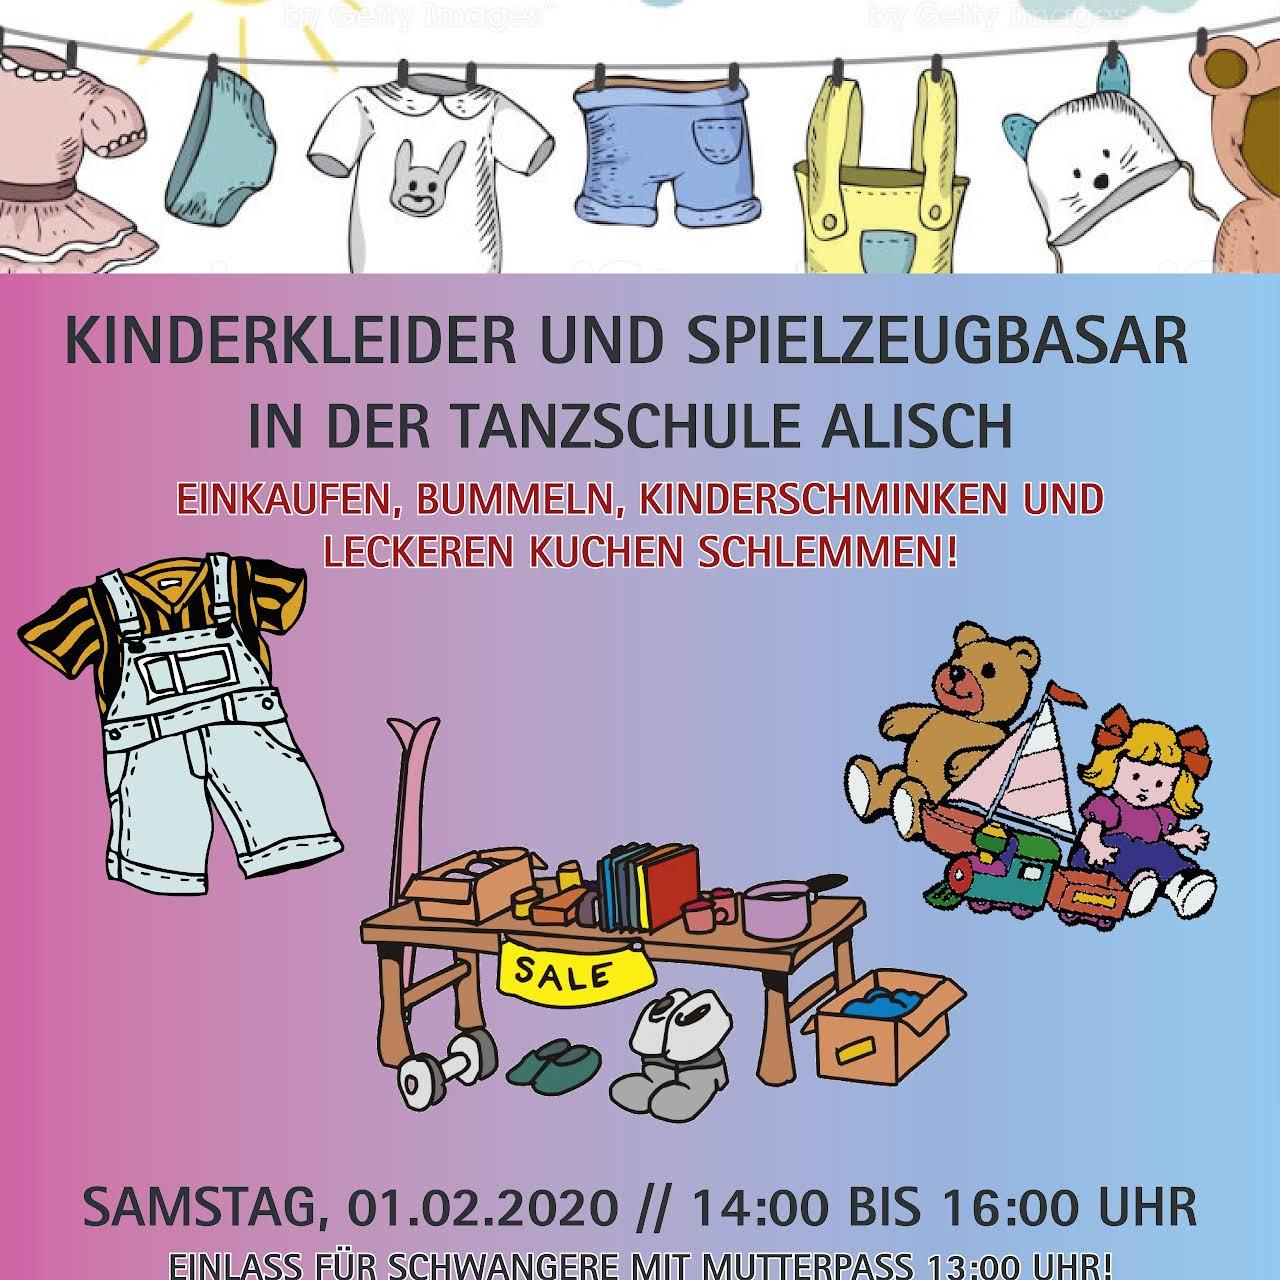 Bummeln Sie durch kiki-kit.devianta ... auf @DeviantArt #auf #Bummeln  #deviantART #durch #ki... - | Phineas and isabella, Phineas and ferb perry,  Phineas and ferb